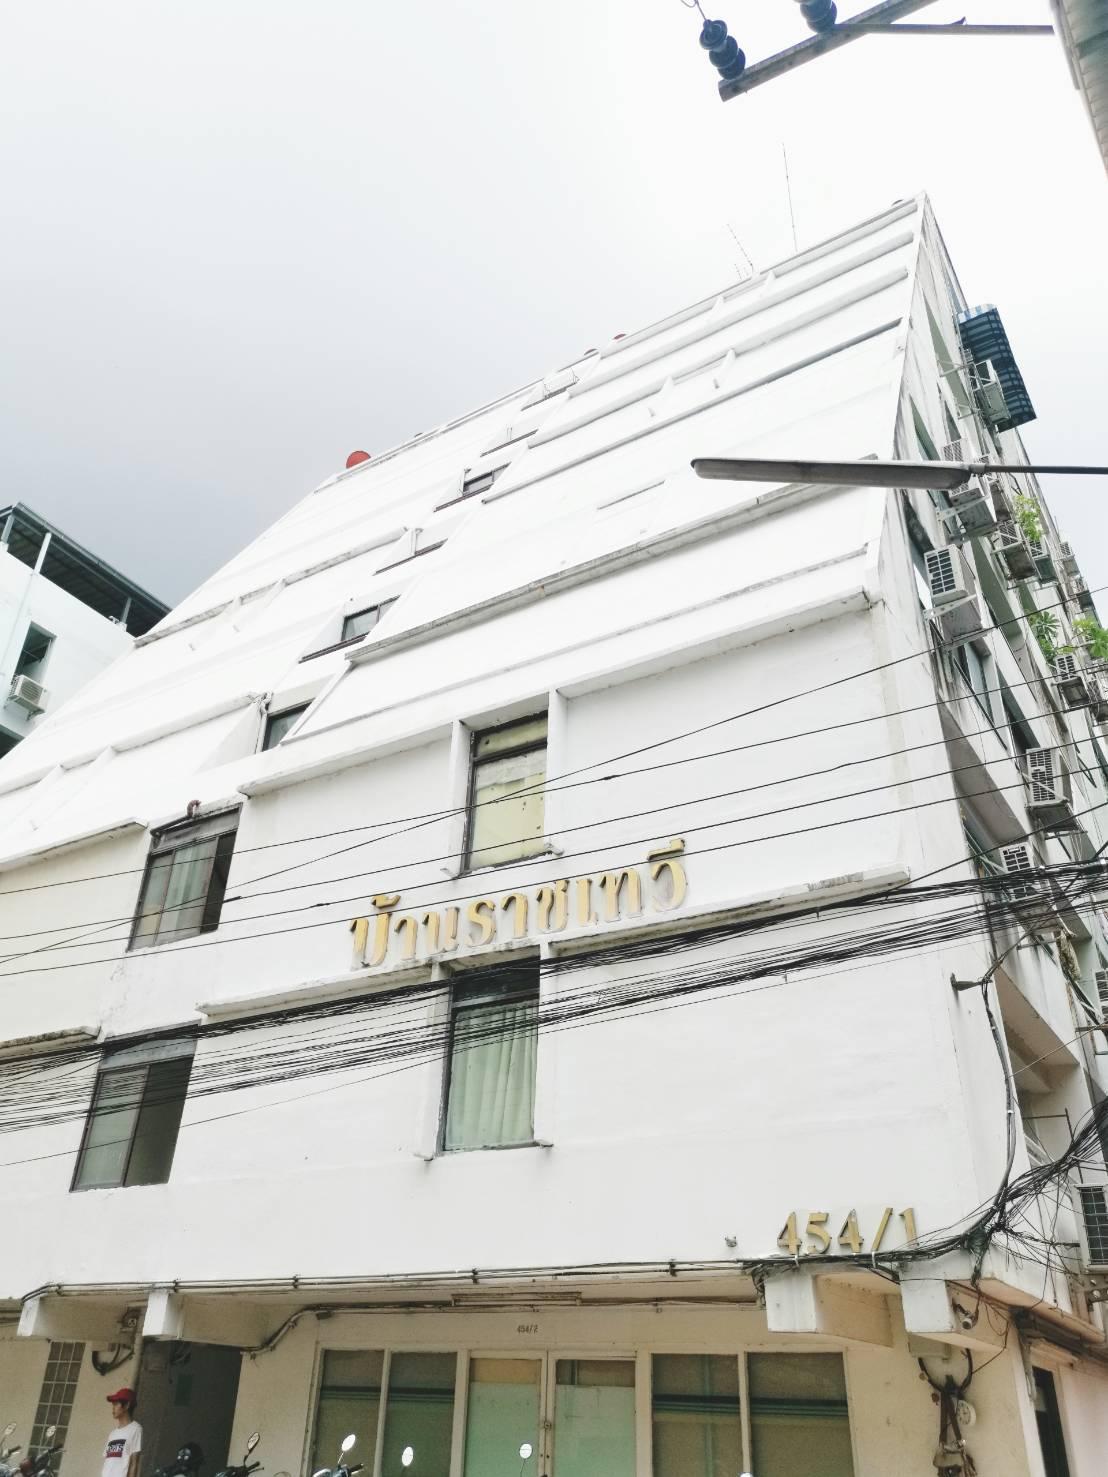 ภาพคอนโดบ้านราชเทวีวิลล์ ใกล้สถานีรถไฟฟ้า BTS พญาไท